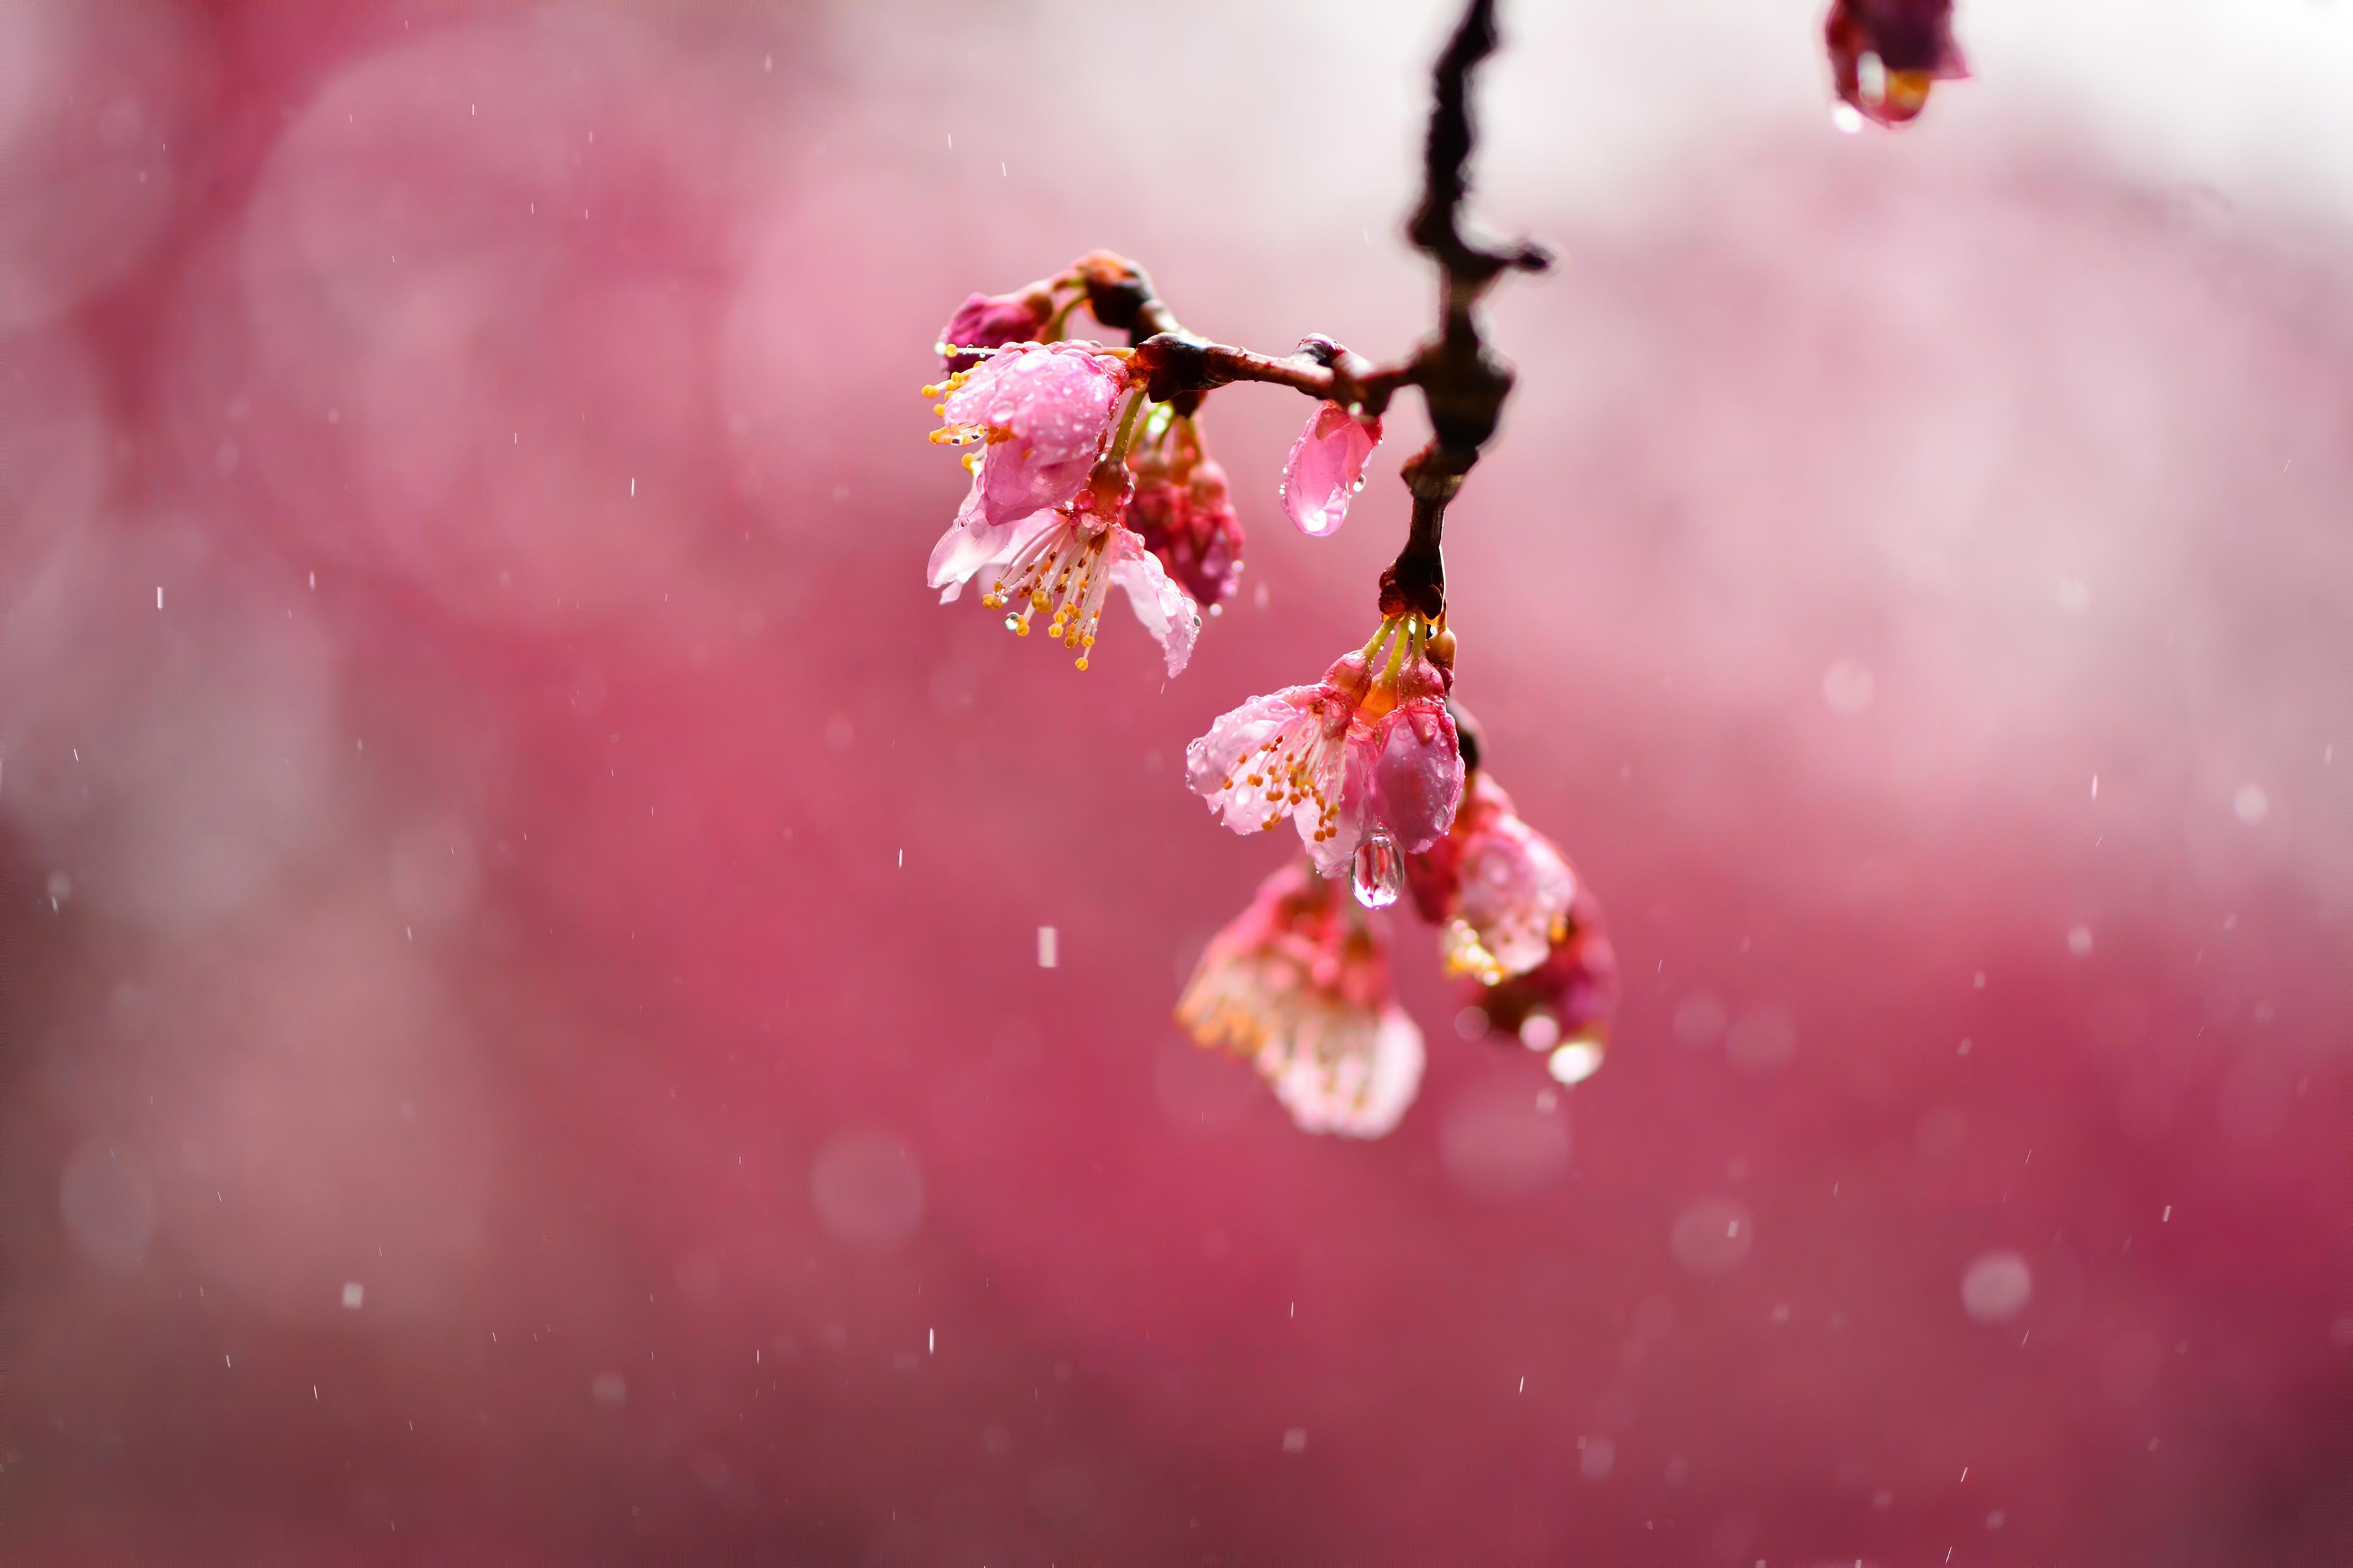 macro blossom flowers dews 4k 1606577705 1 - Macro Blossom Flowers Dews 4k - Macro Blossom Flowers Dews 4k wallpapers